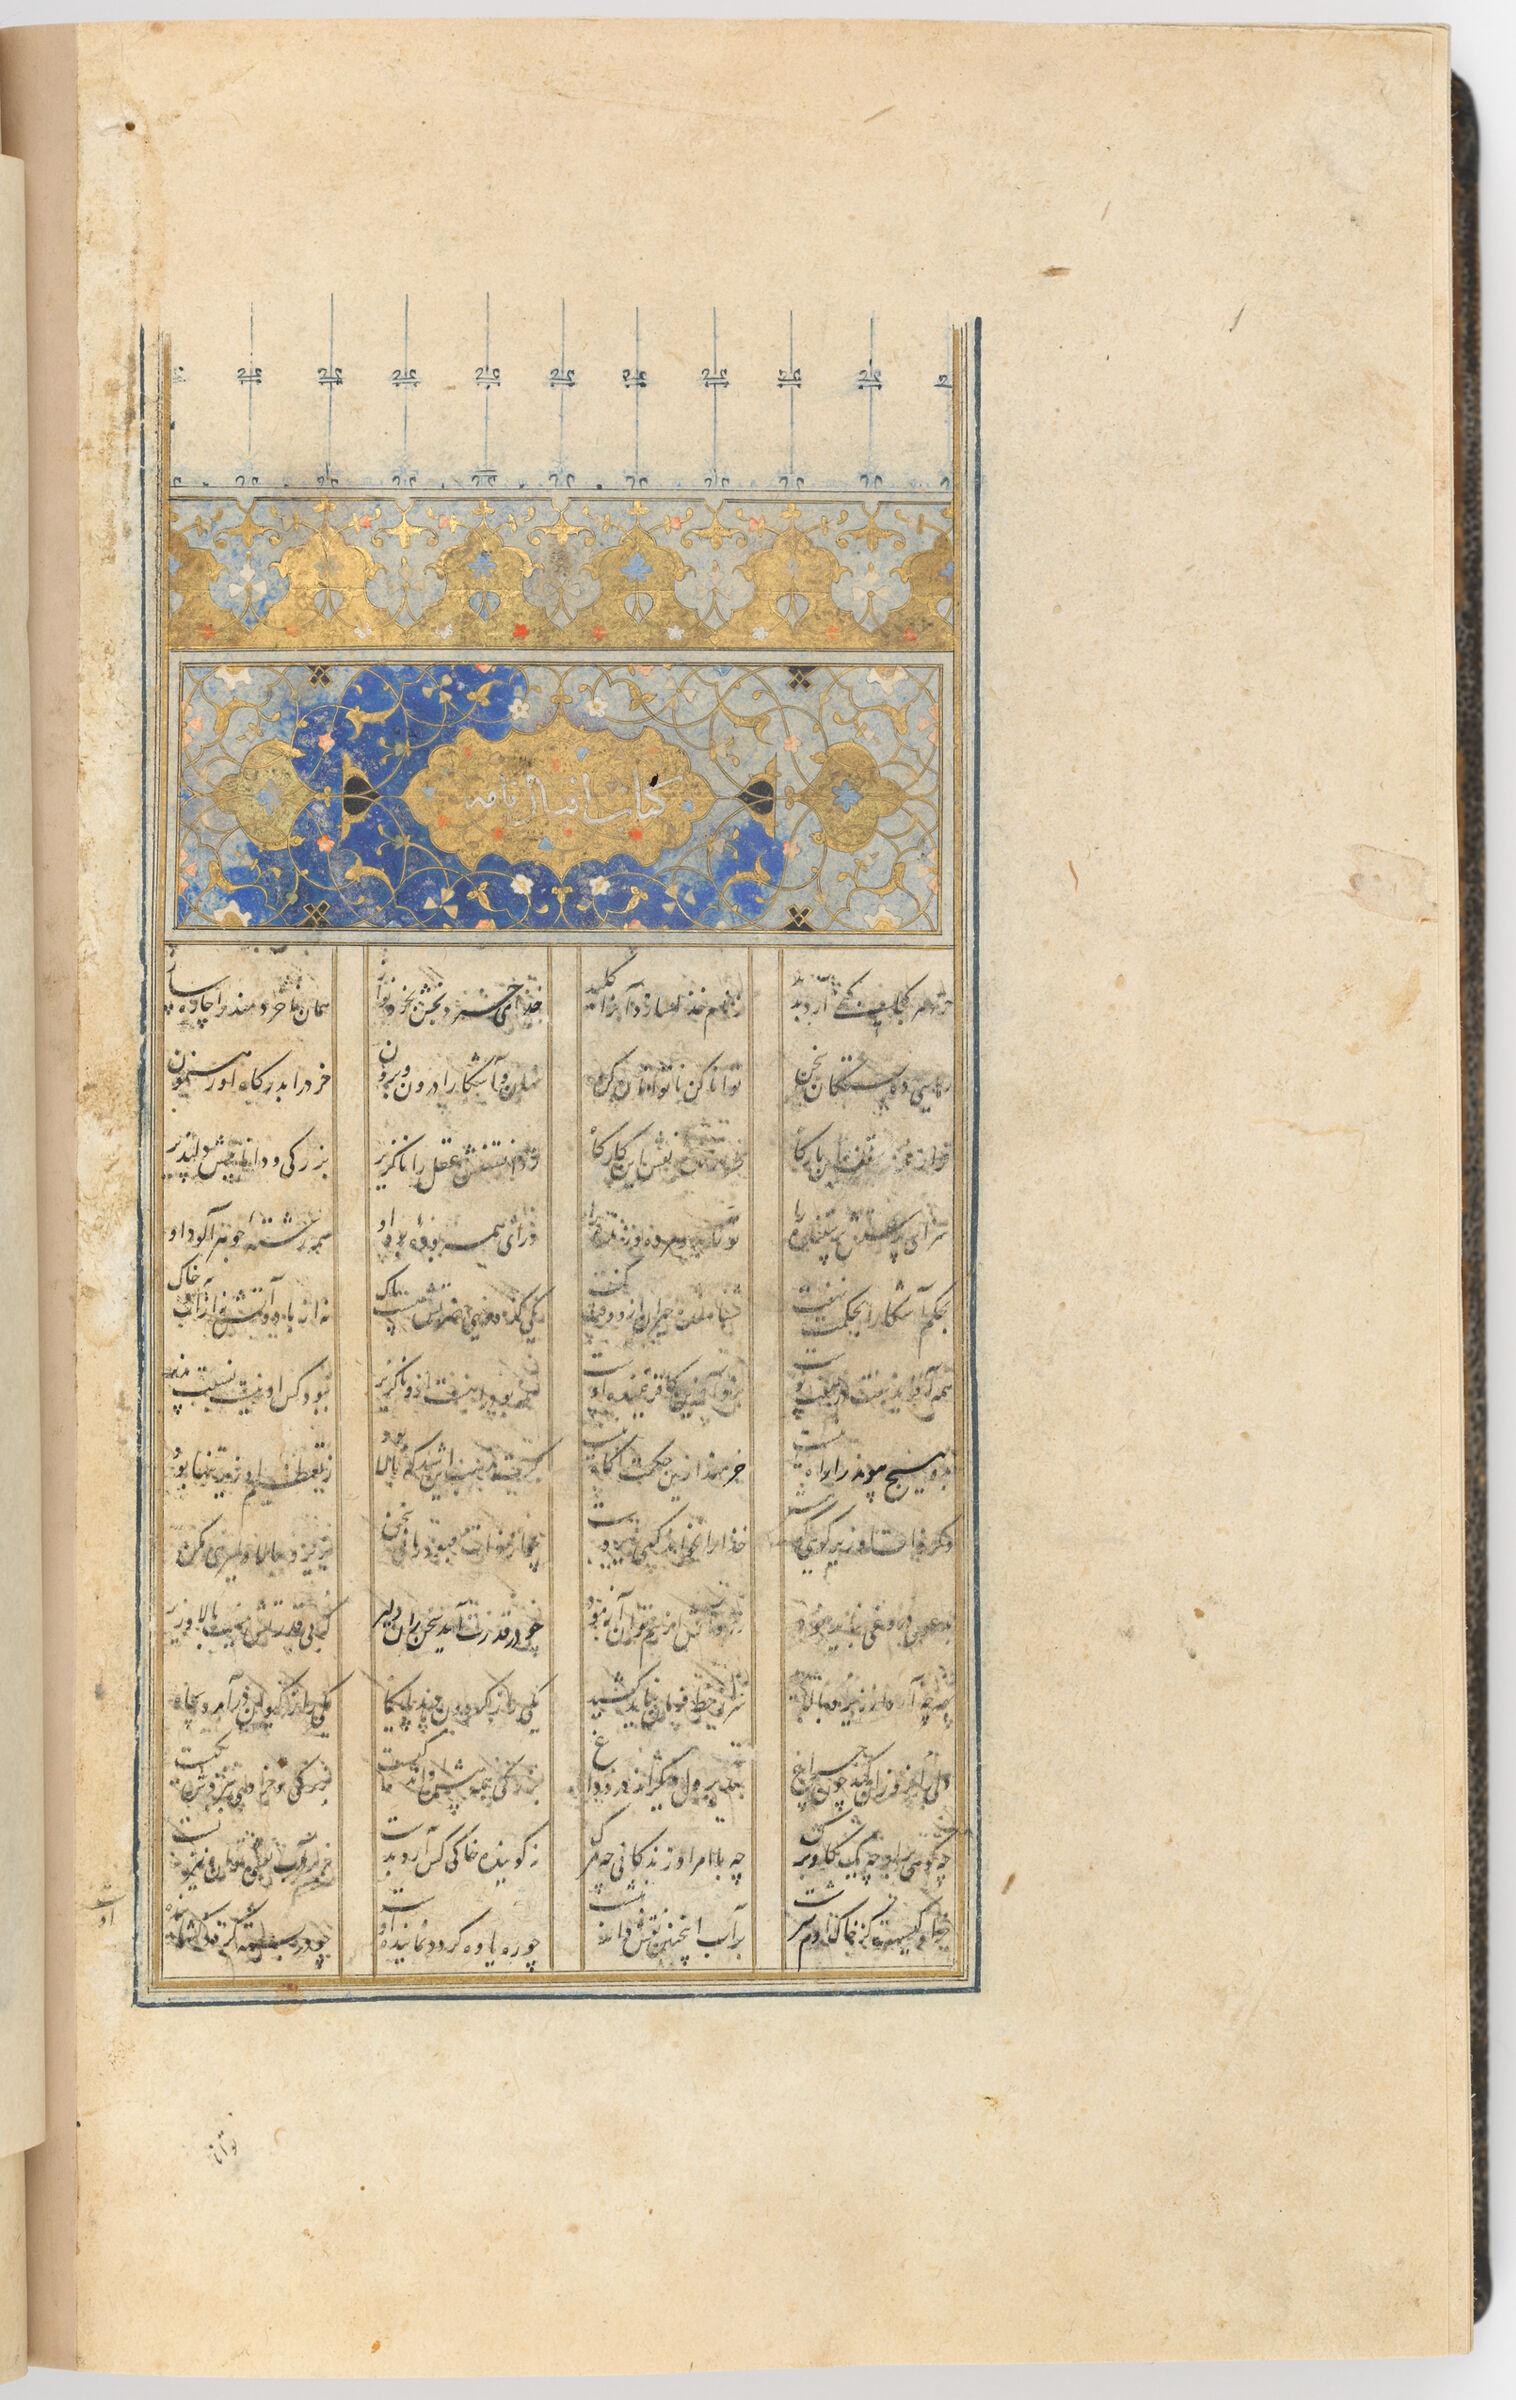 Illuminated Sarlawh Of Iqbal-Nama (Text Recto; Illumination Verso Of Folio 337), From A Manuscript Of The Khamsa By Nizami